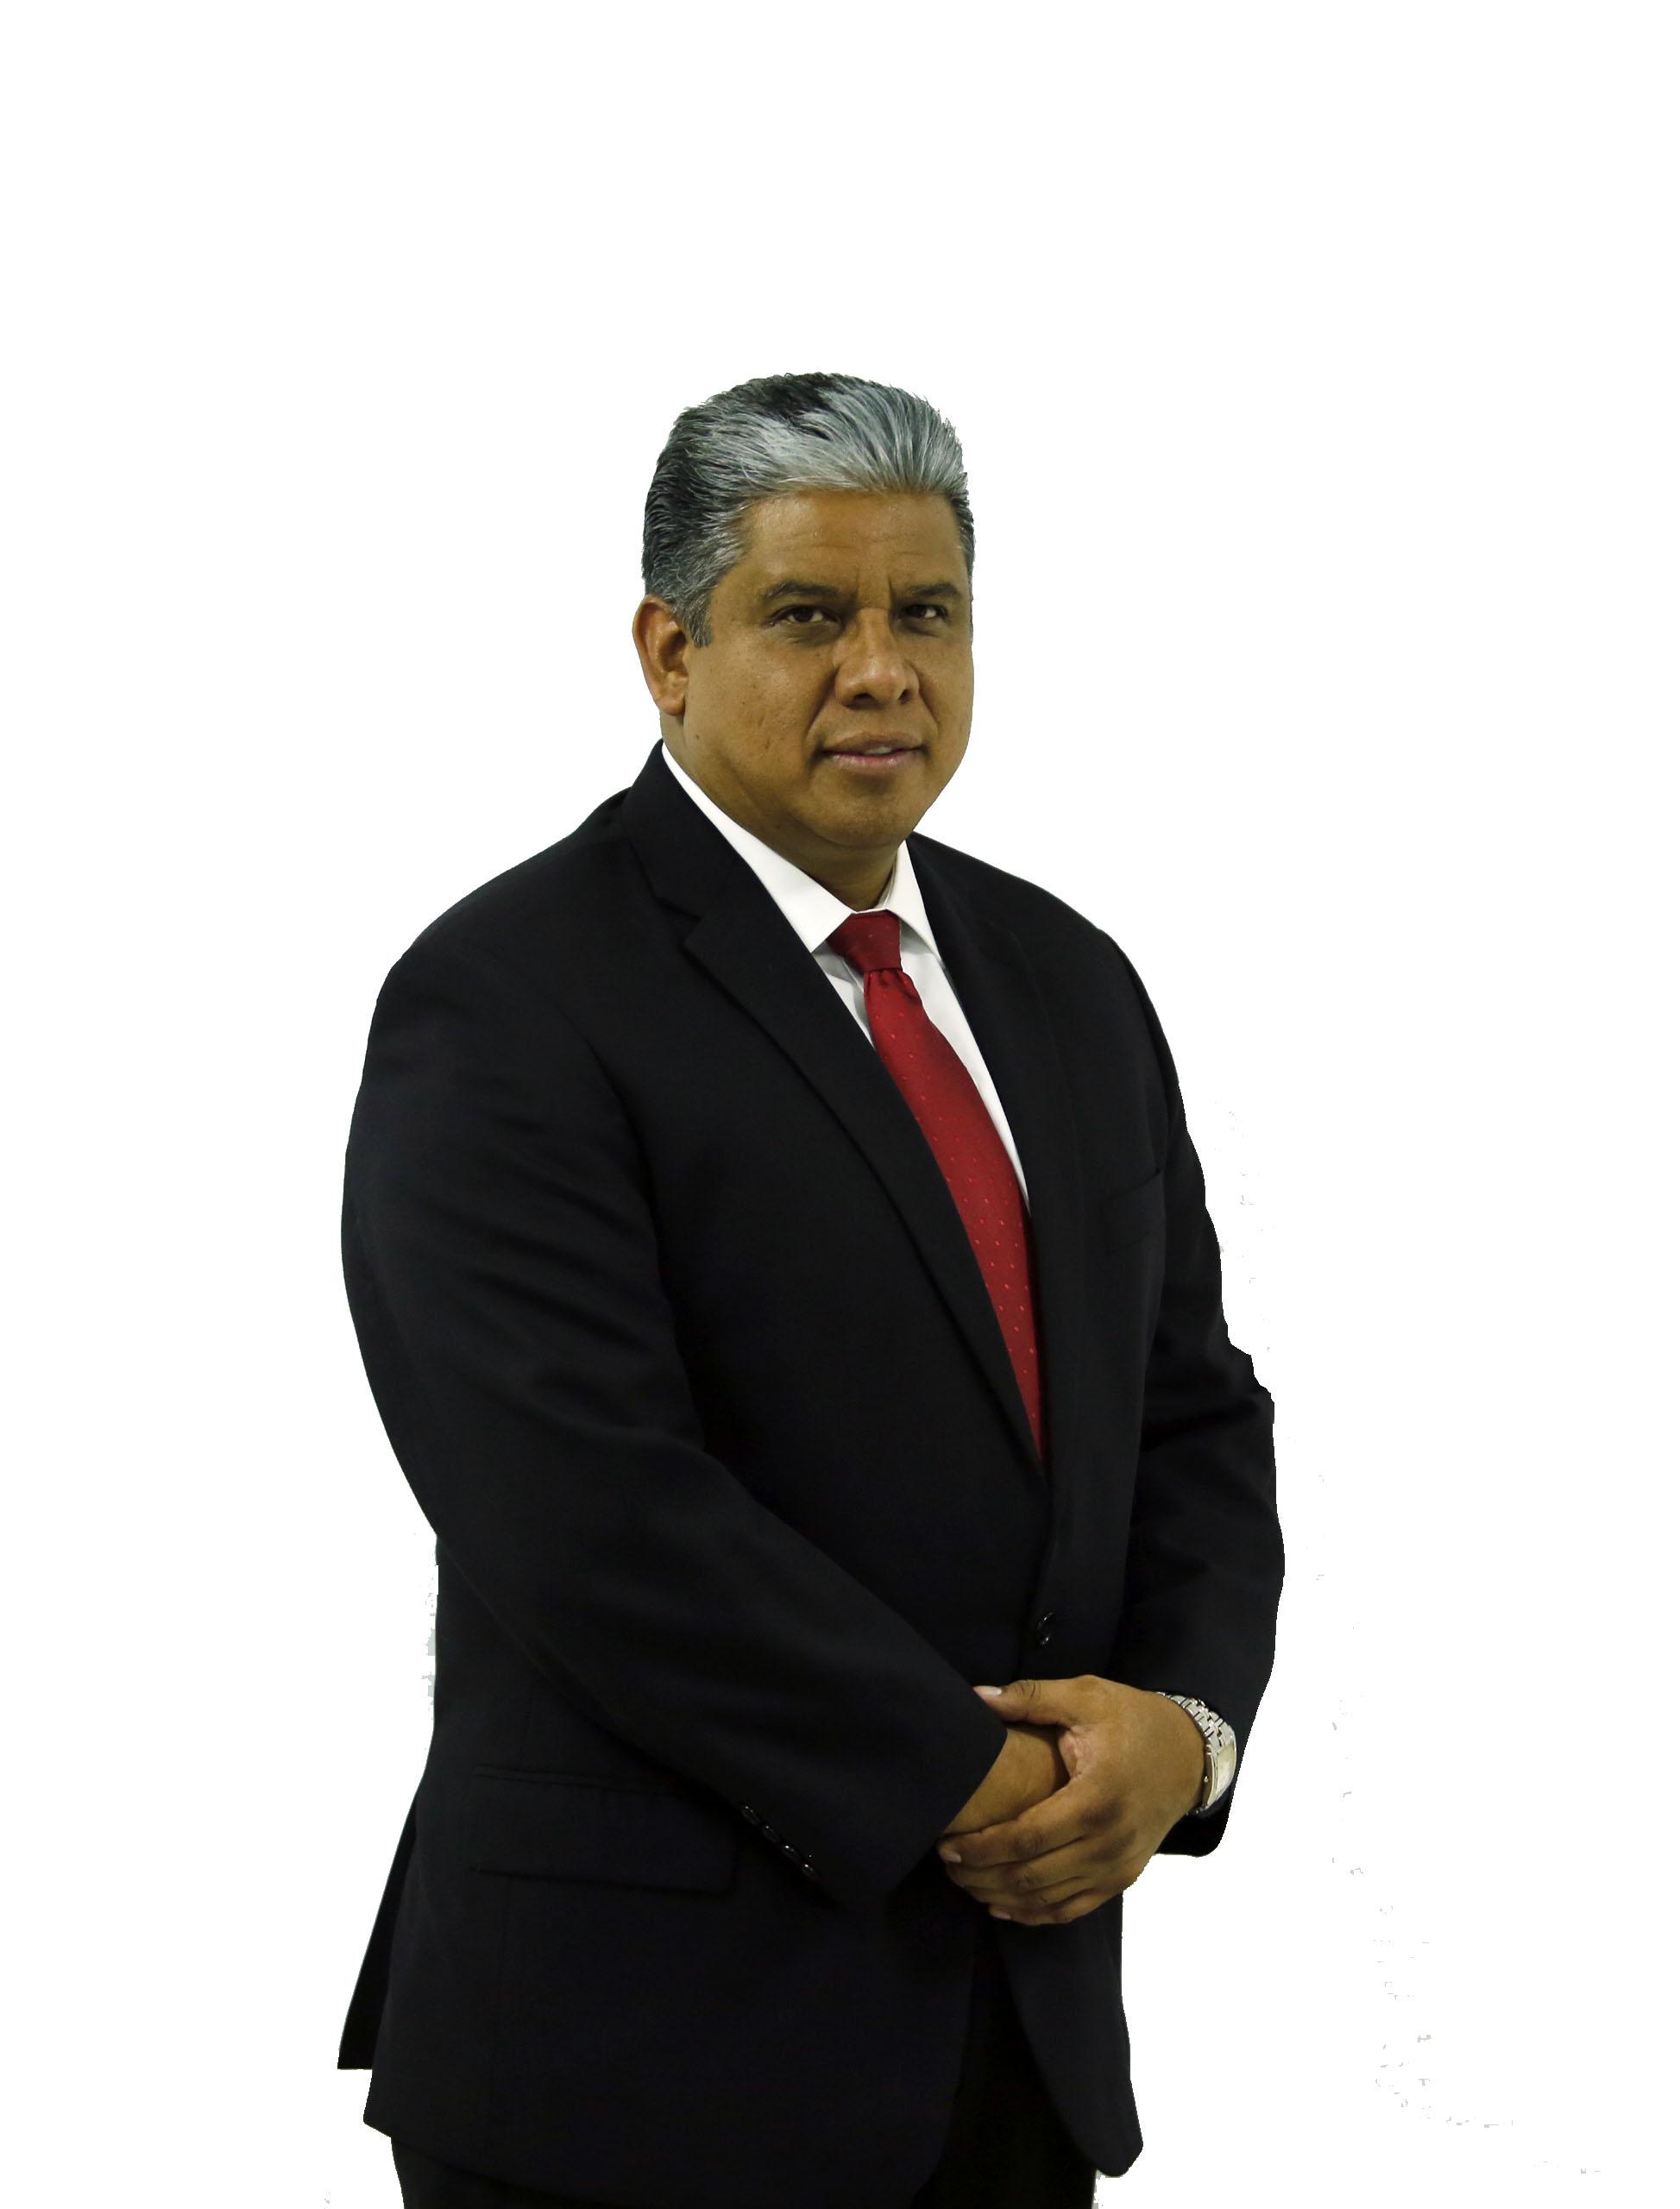 Lic. Ángel Luis Suárez Sanabria